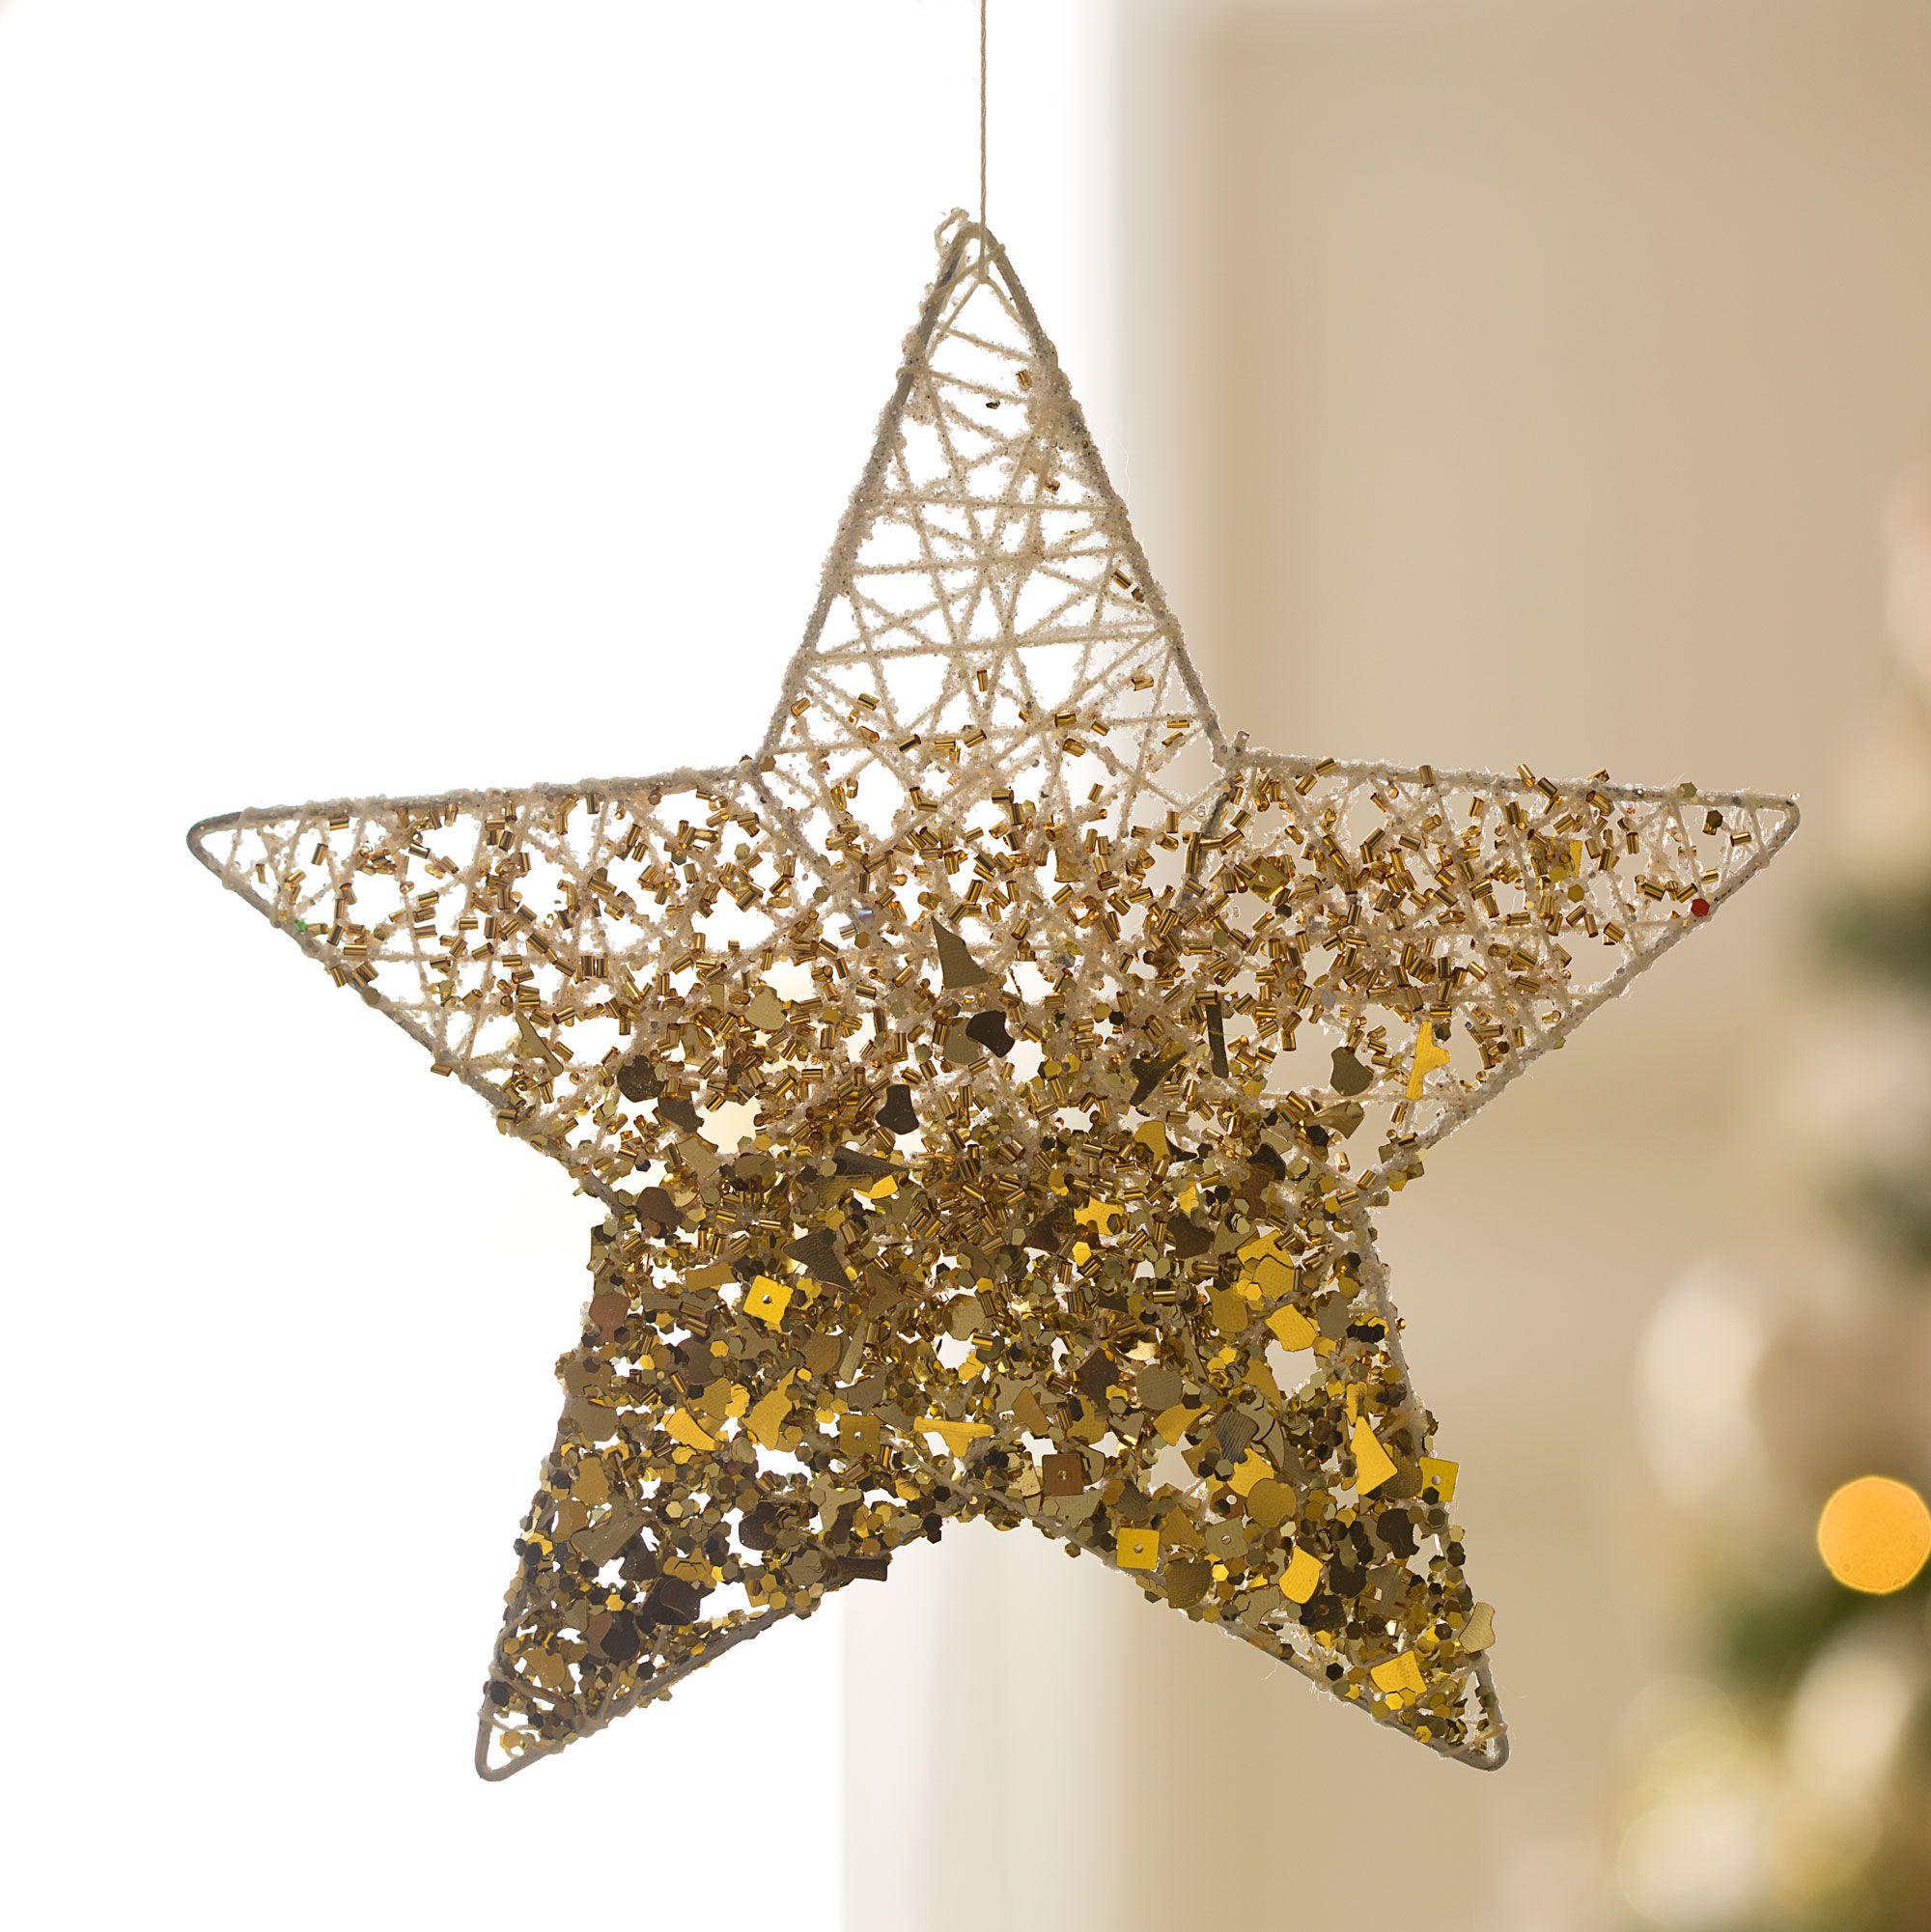 Décoration de Noël en argent et or